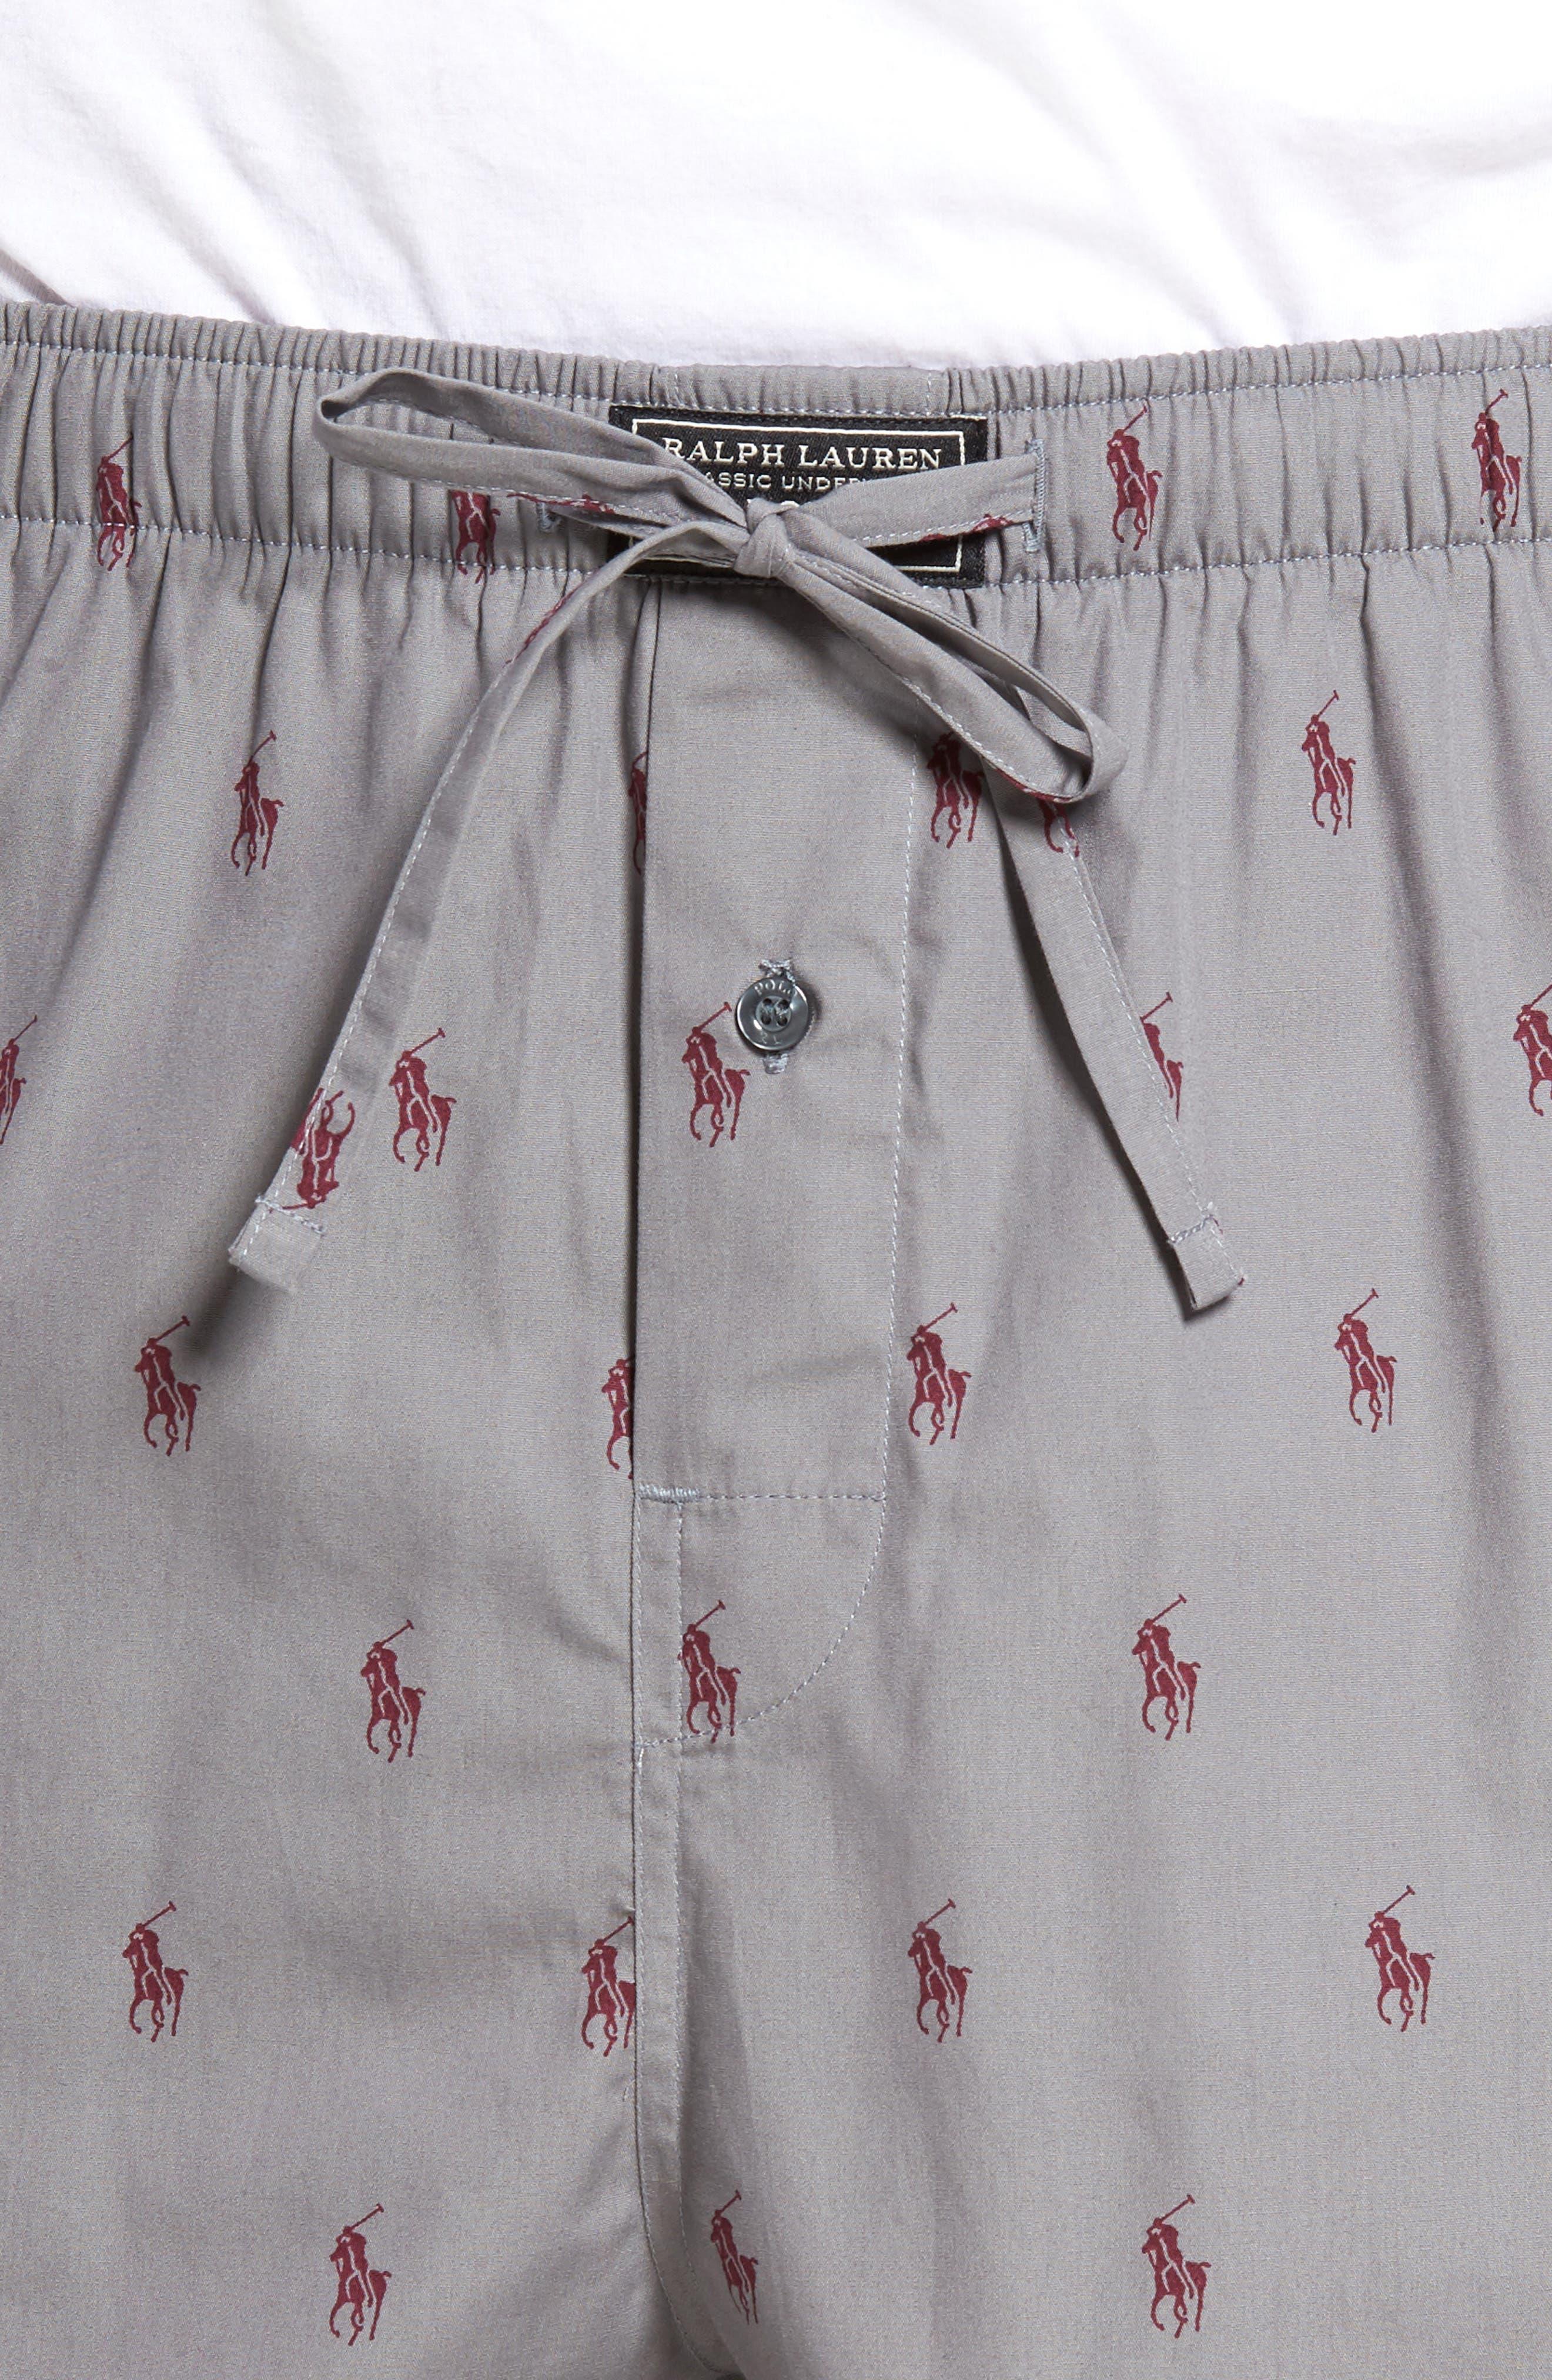 Polo Ralph Lauren Cotton Lounge Pants,                             Alternate thumbnail 16, color,